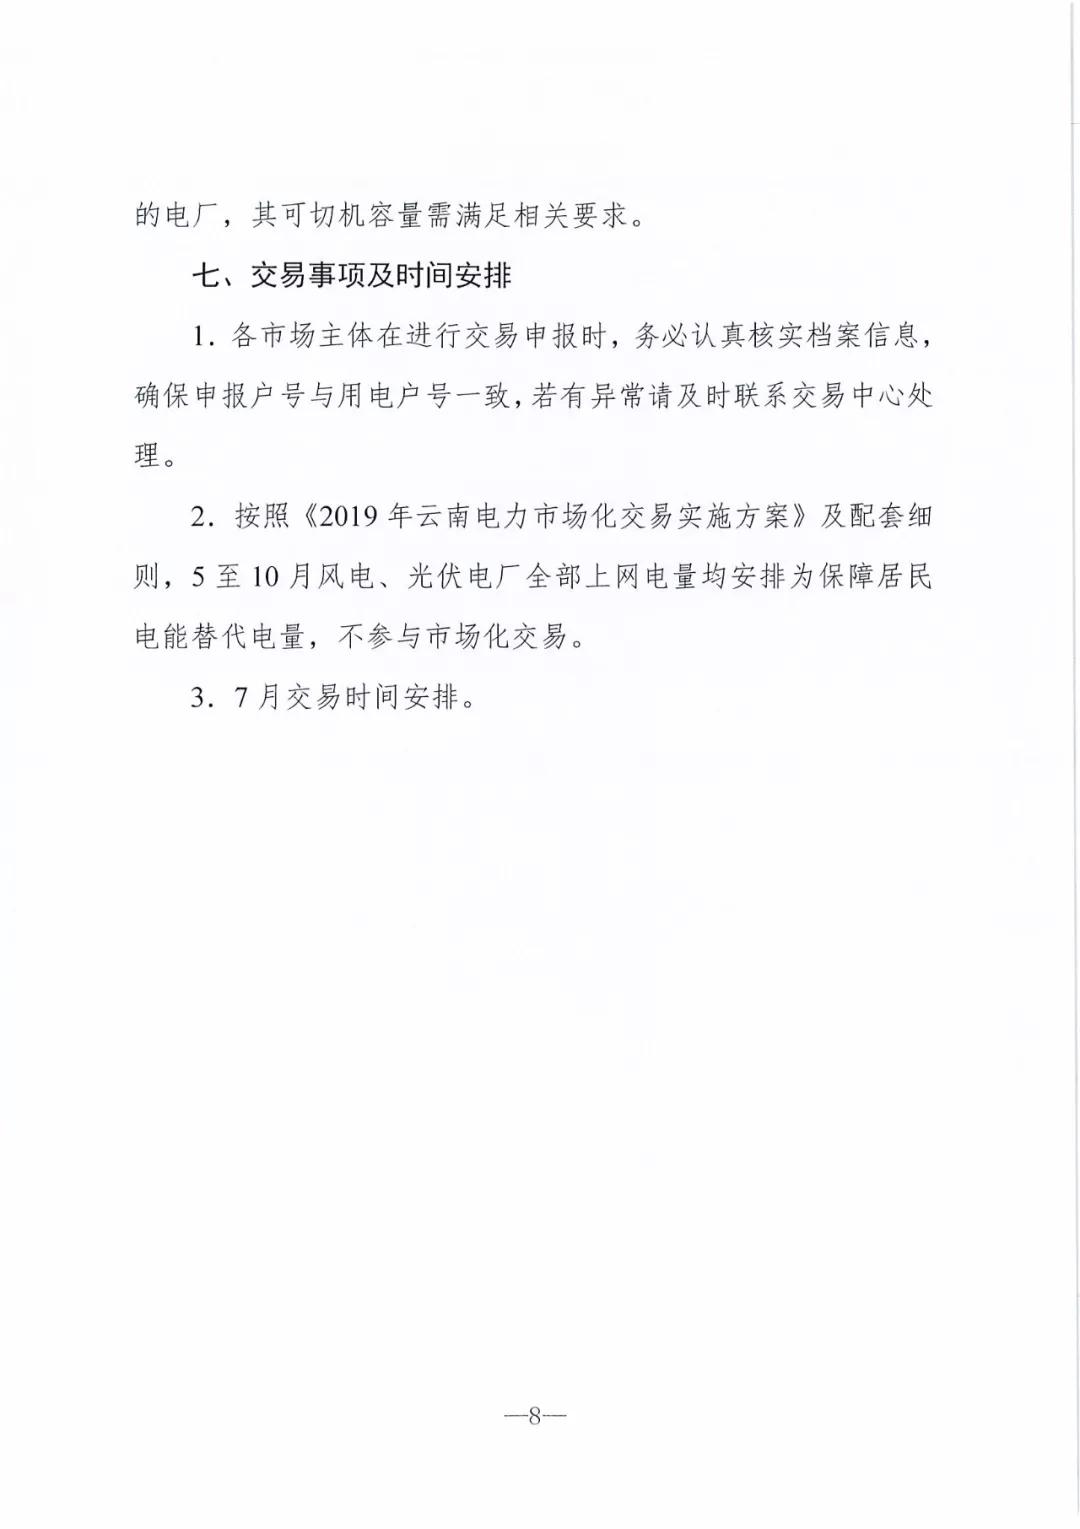 云南7月预计省内可竞价电量约81亿千瓦时